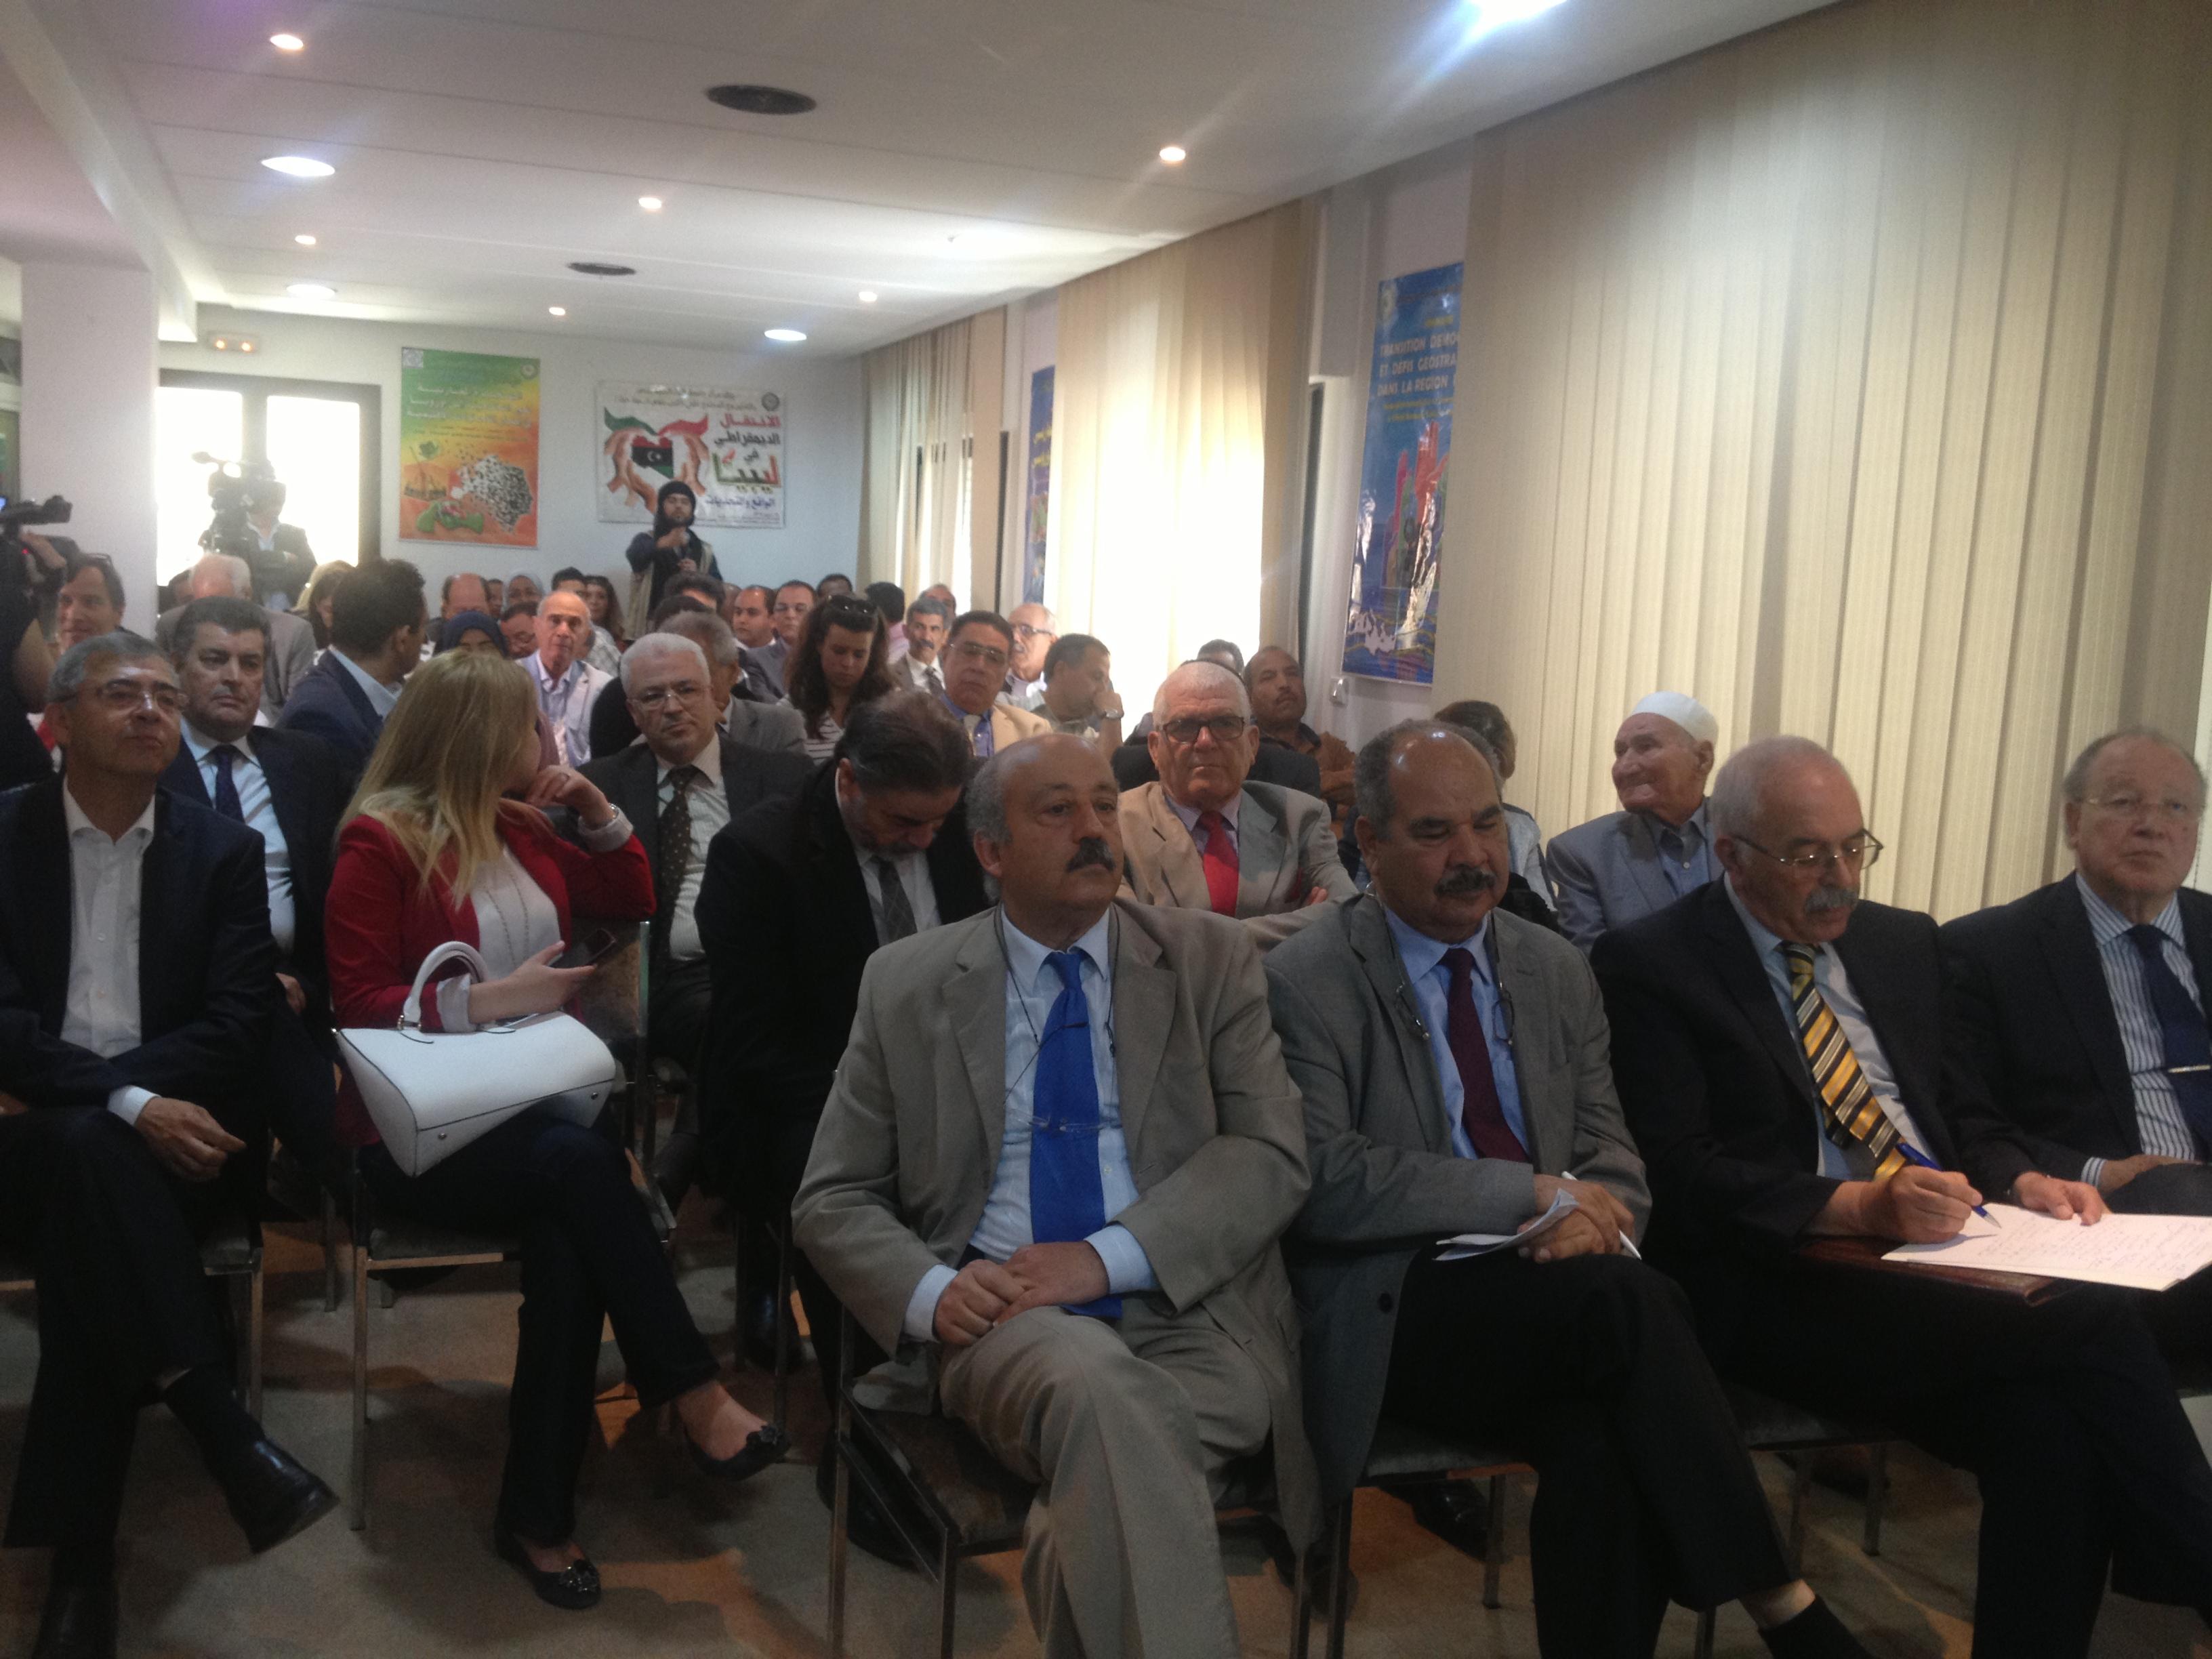 مبادرات ليبيه تونسيه جديده: حكومة وحده وطنية ومجلسين للتوافق